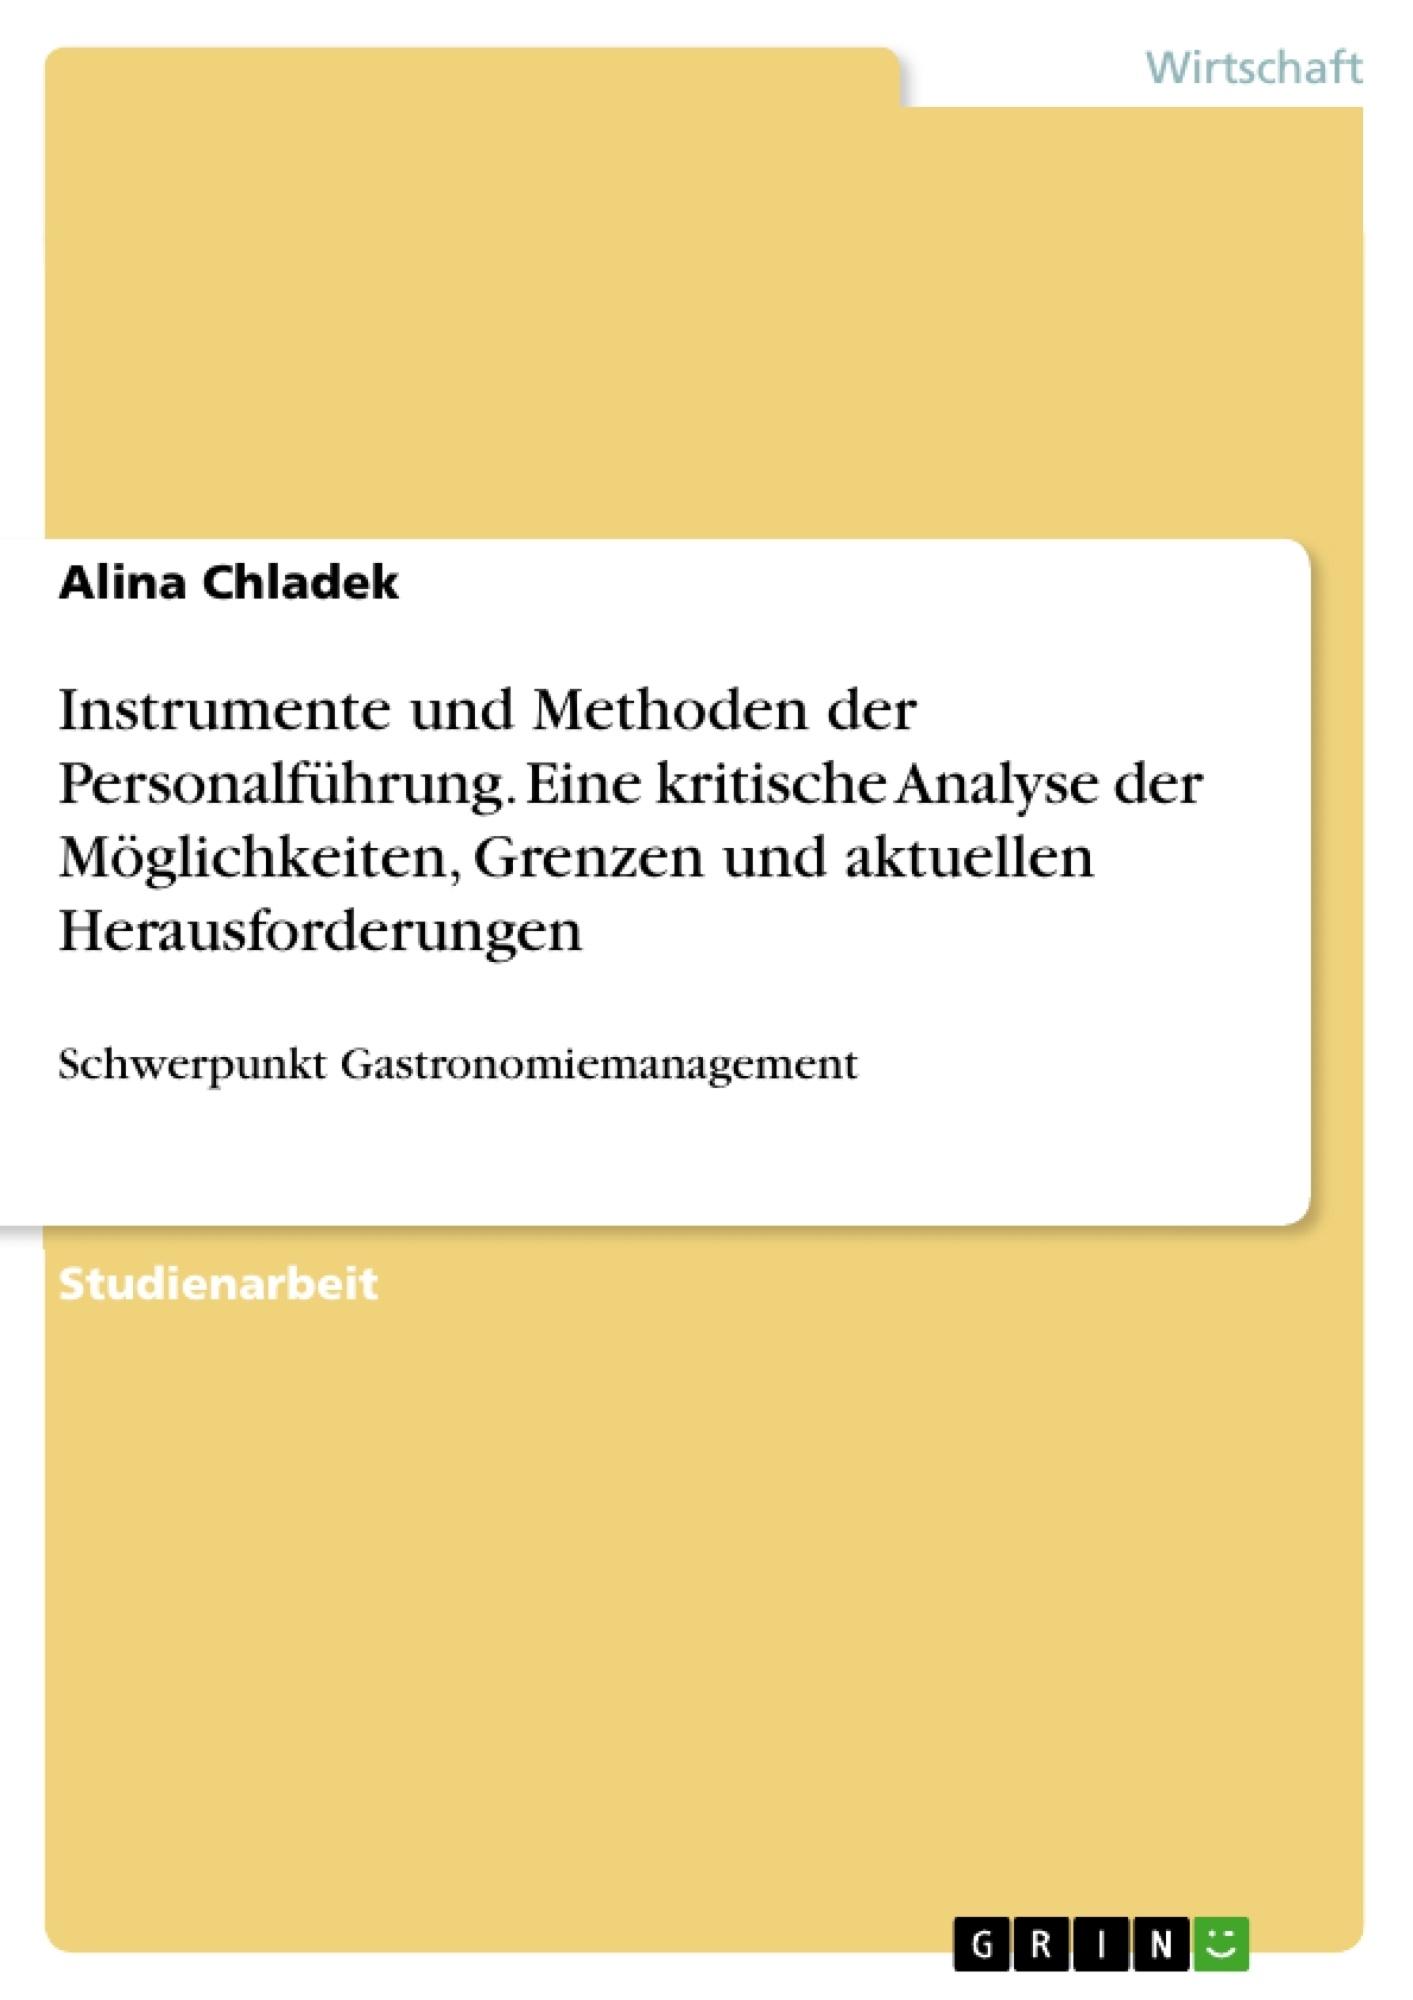 Titel: Instrumente und Methoden der Personalführung. Eine kritische Analyse der Möglichkeiten, Grenzen und aktuellen Herausforderungen